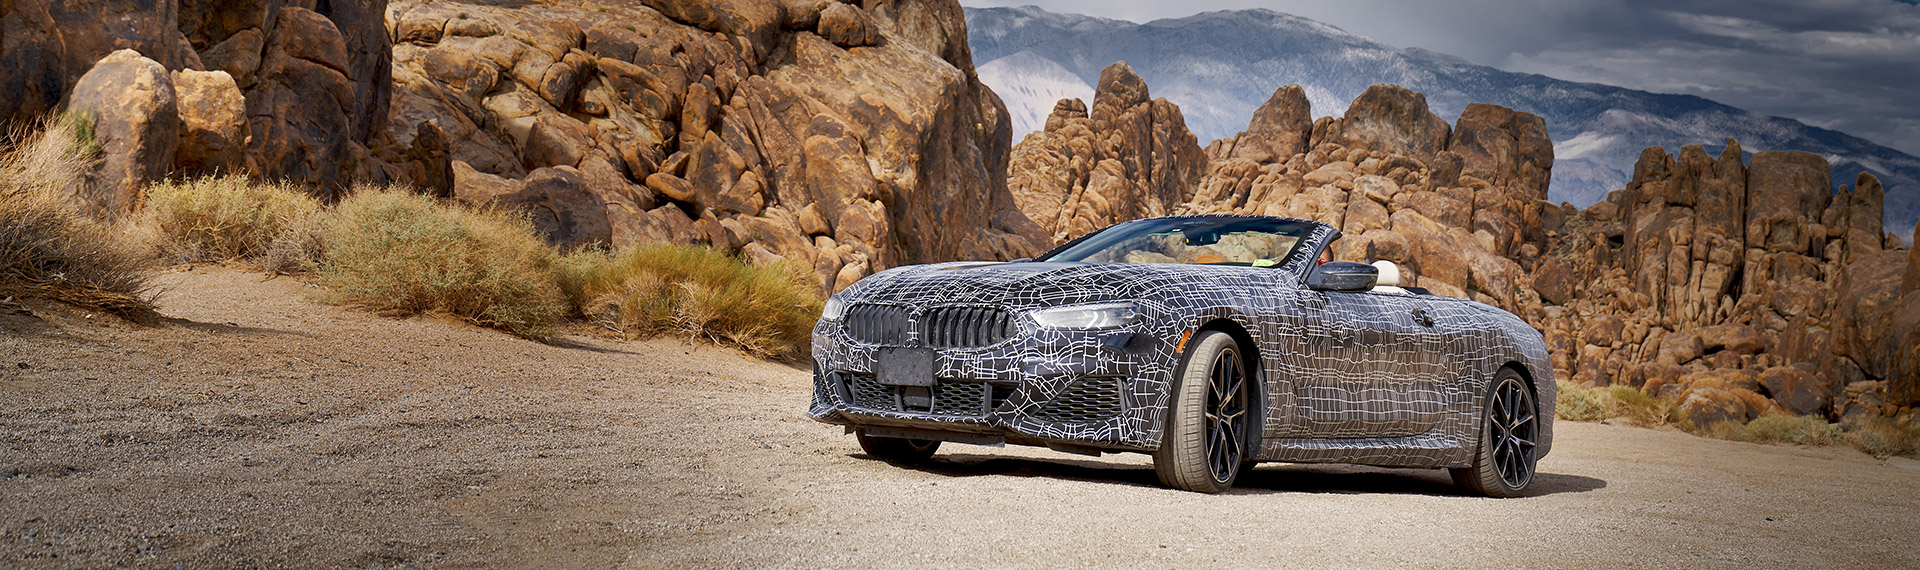 BMW 8 Series Convertible prototype